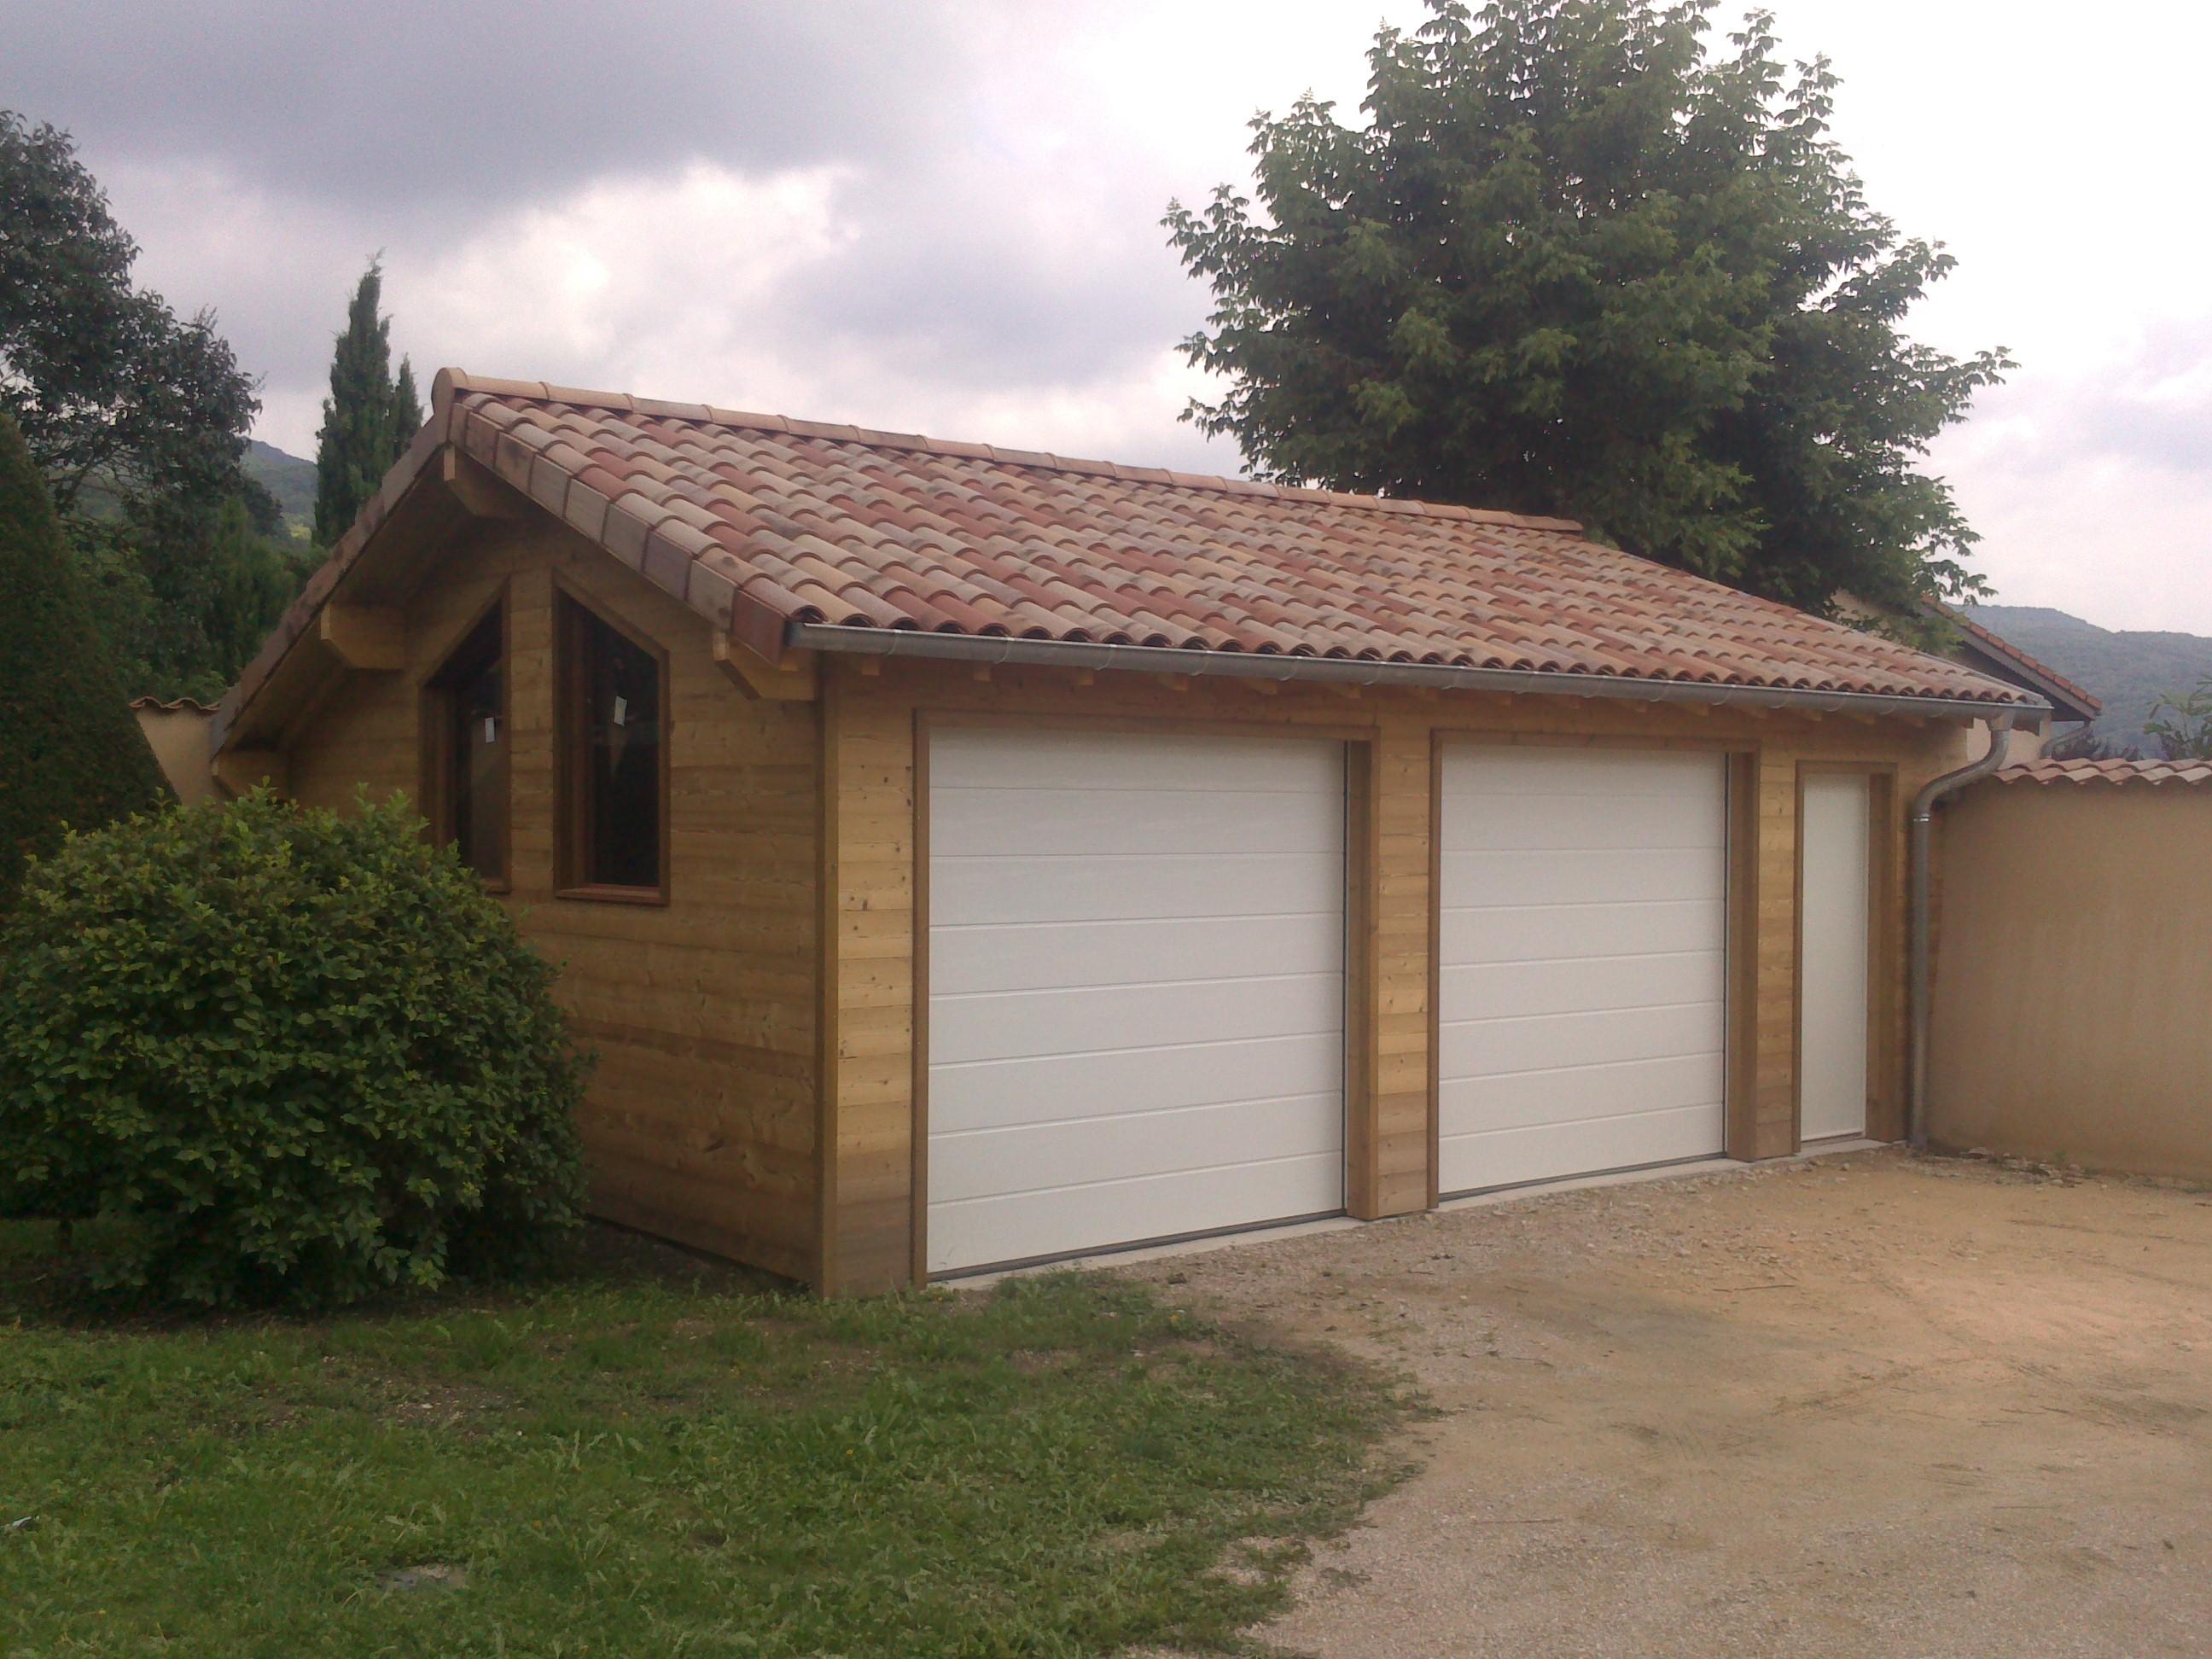 Nous réalisons sur mesure des agencements en bois pour vos extérieurs et intérieurs. Autour de notre...